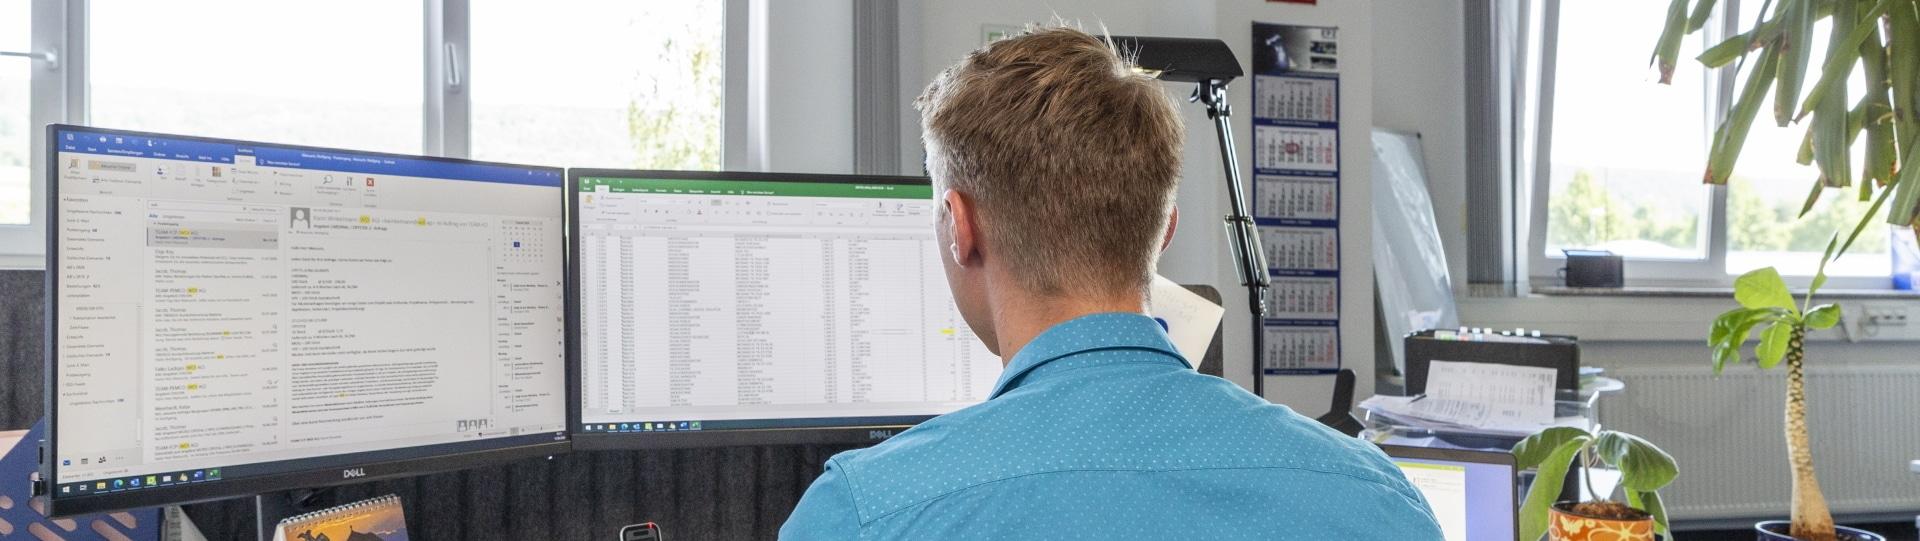 Einkäufer (m-w-d) für den Bereich Electronic Manufacturing Services